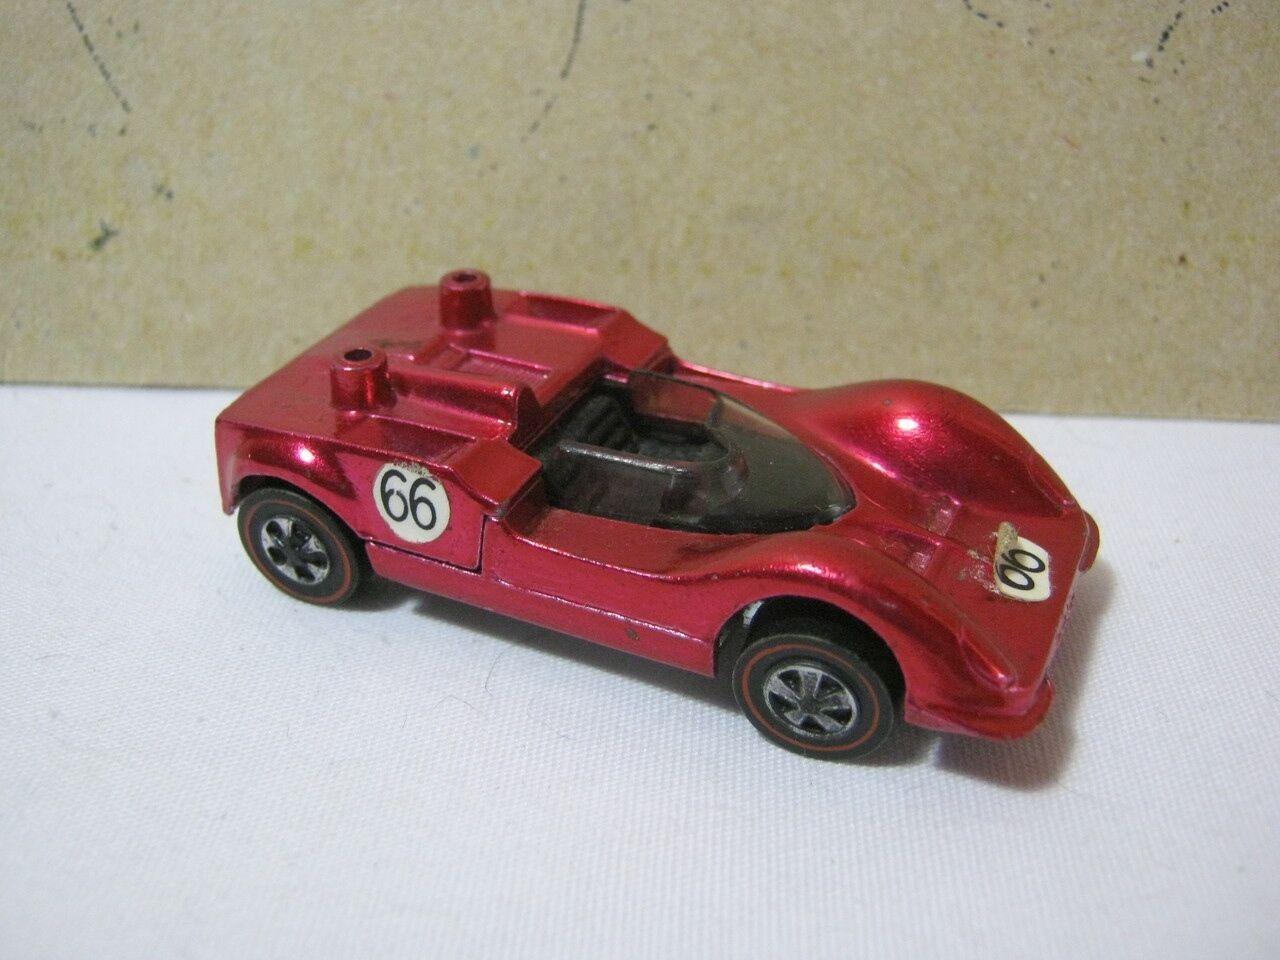 Vintage Hot Wheels Chaparral 2G Redline pink color  T